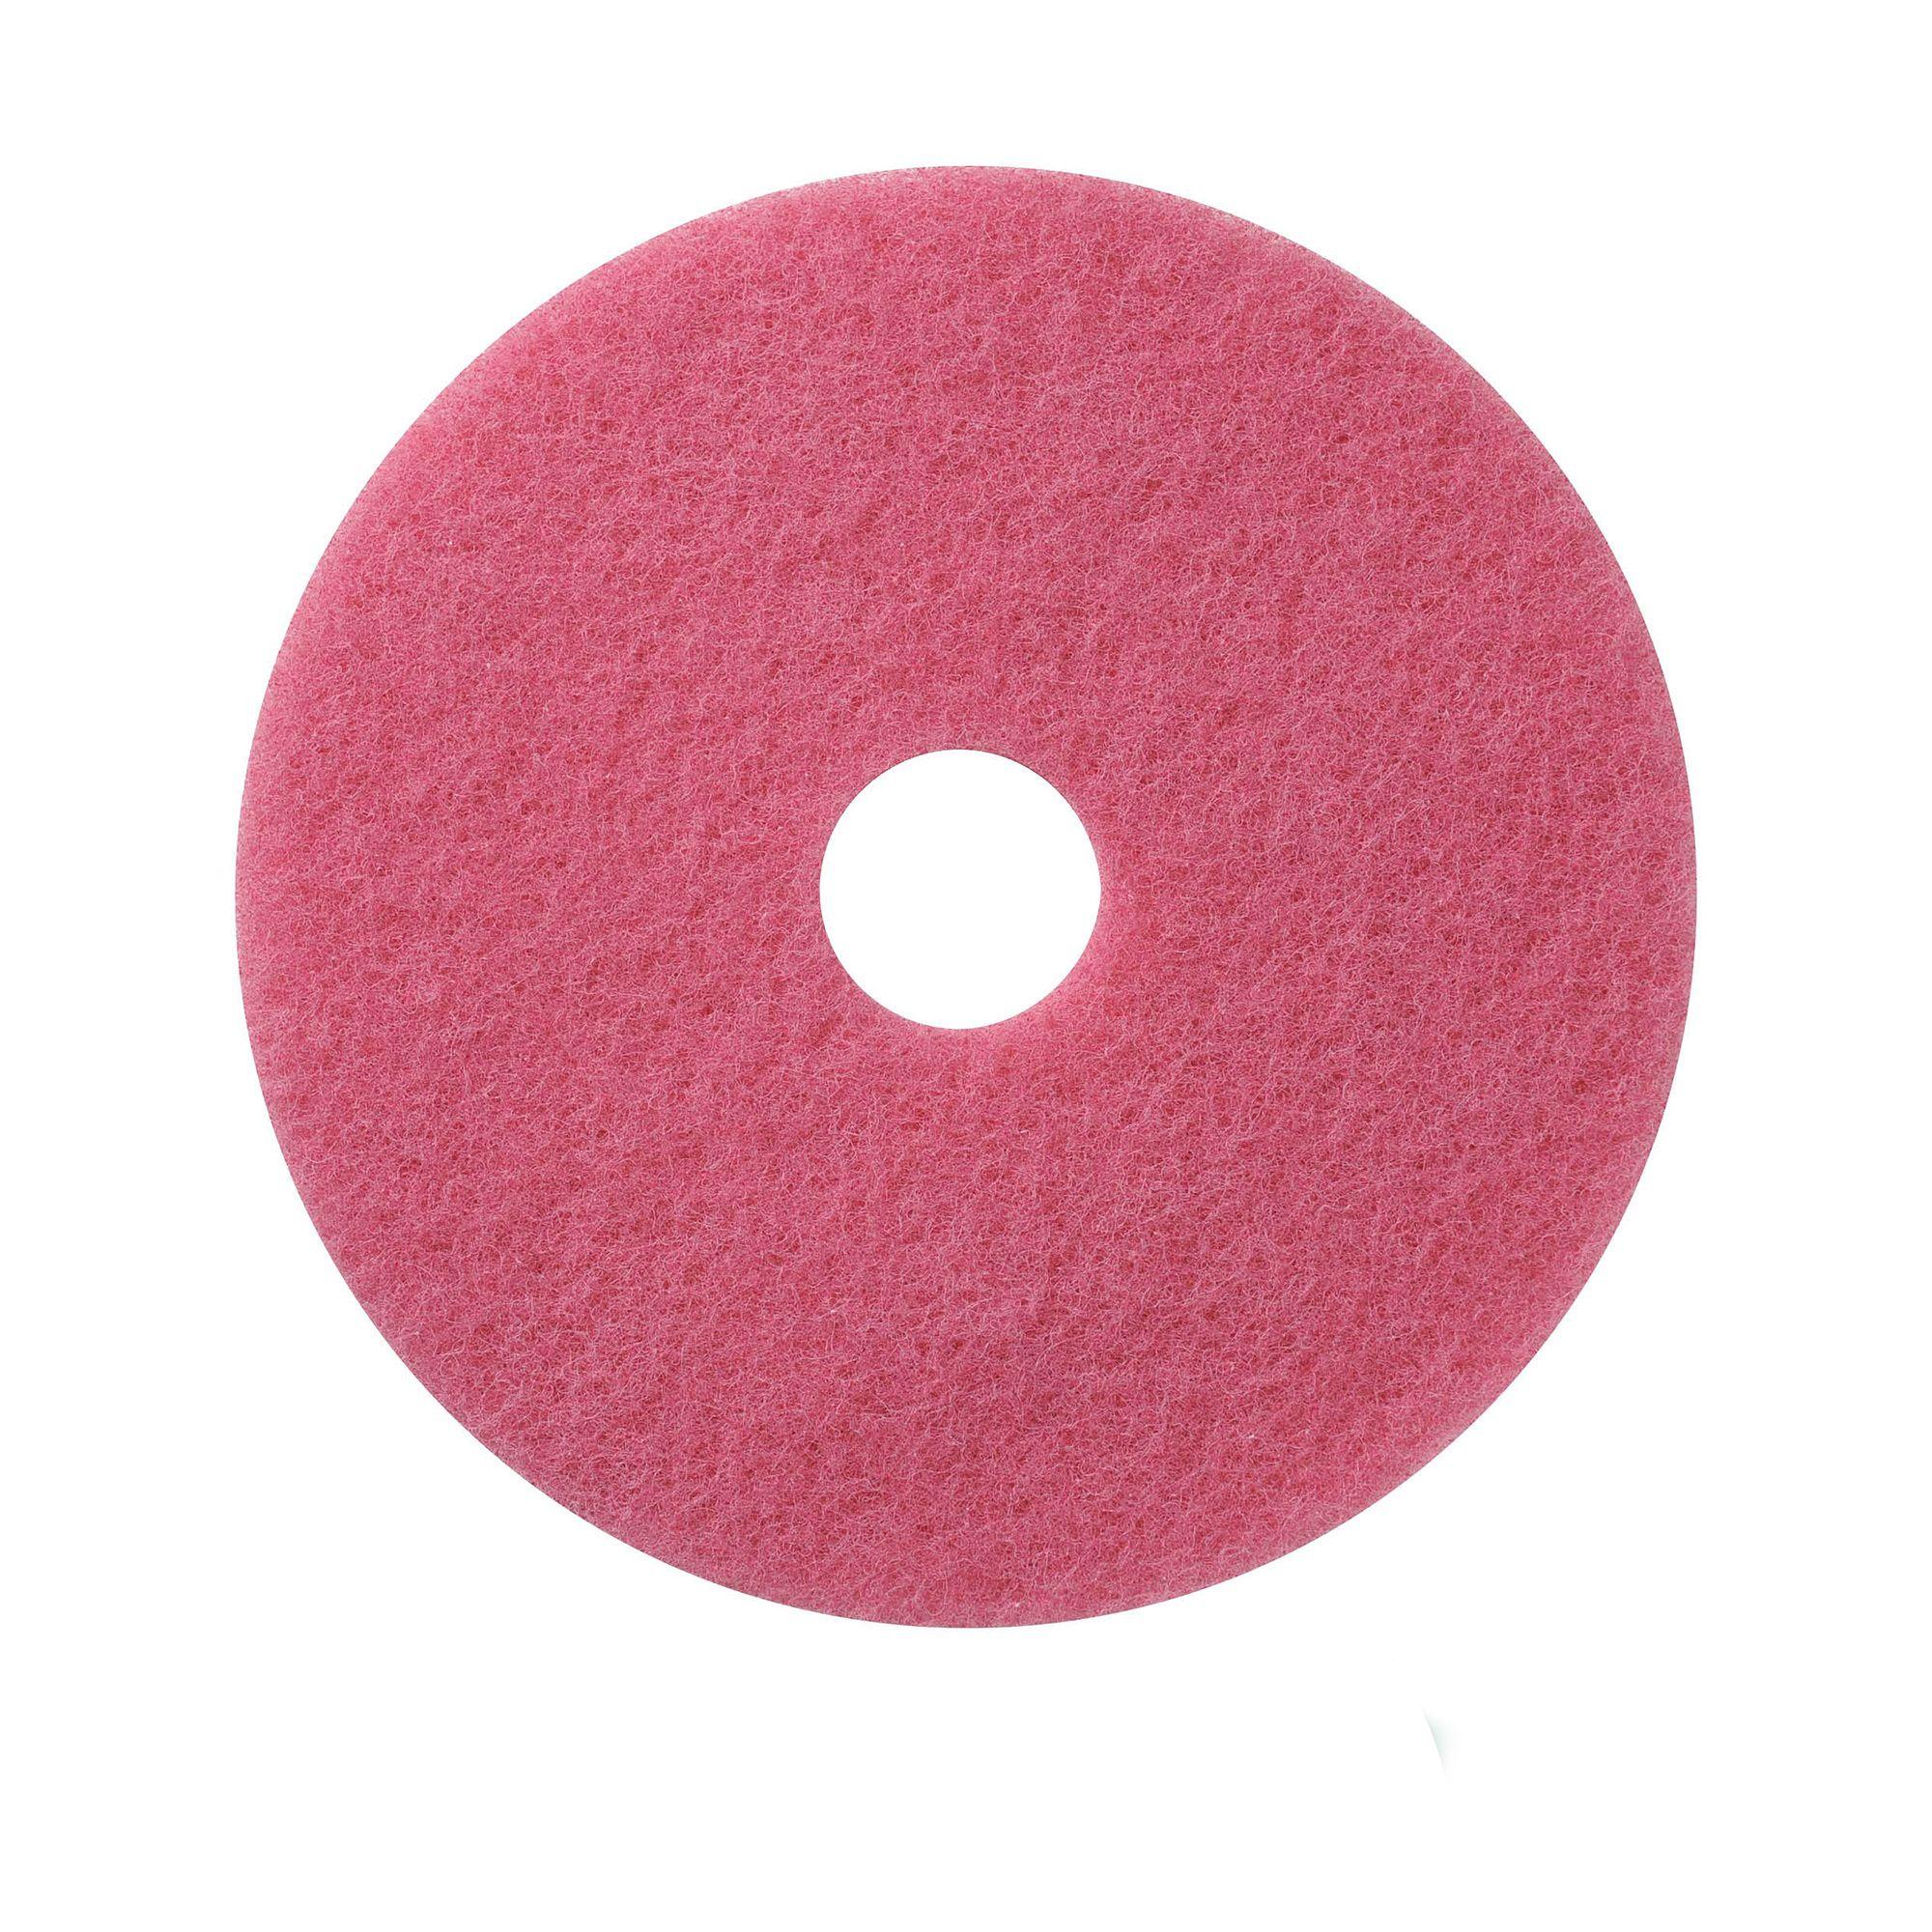 NuPad roze (schrobben), per 5 stuks, 14 inch / 355 mm